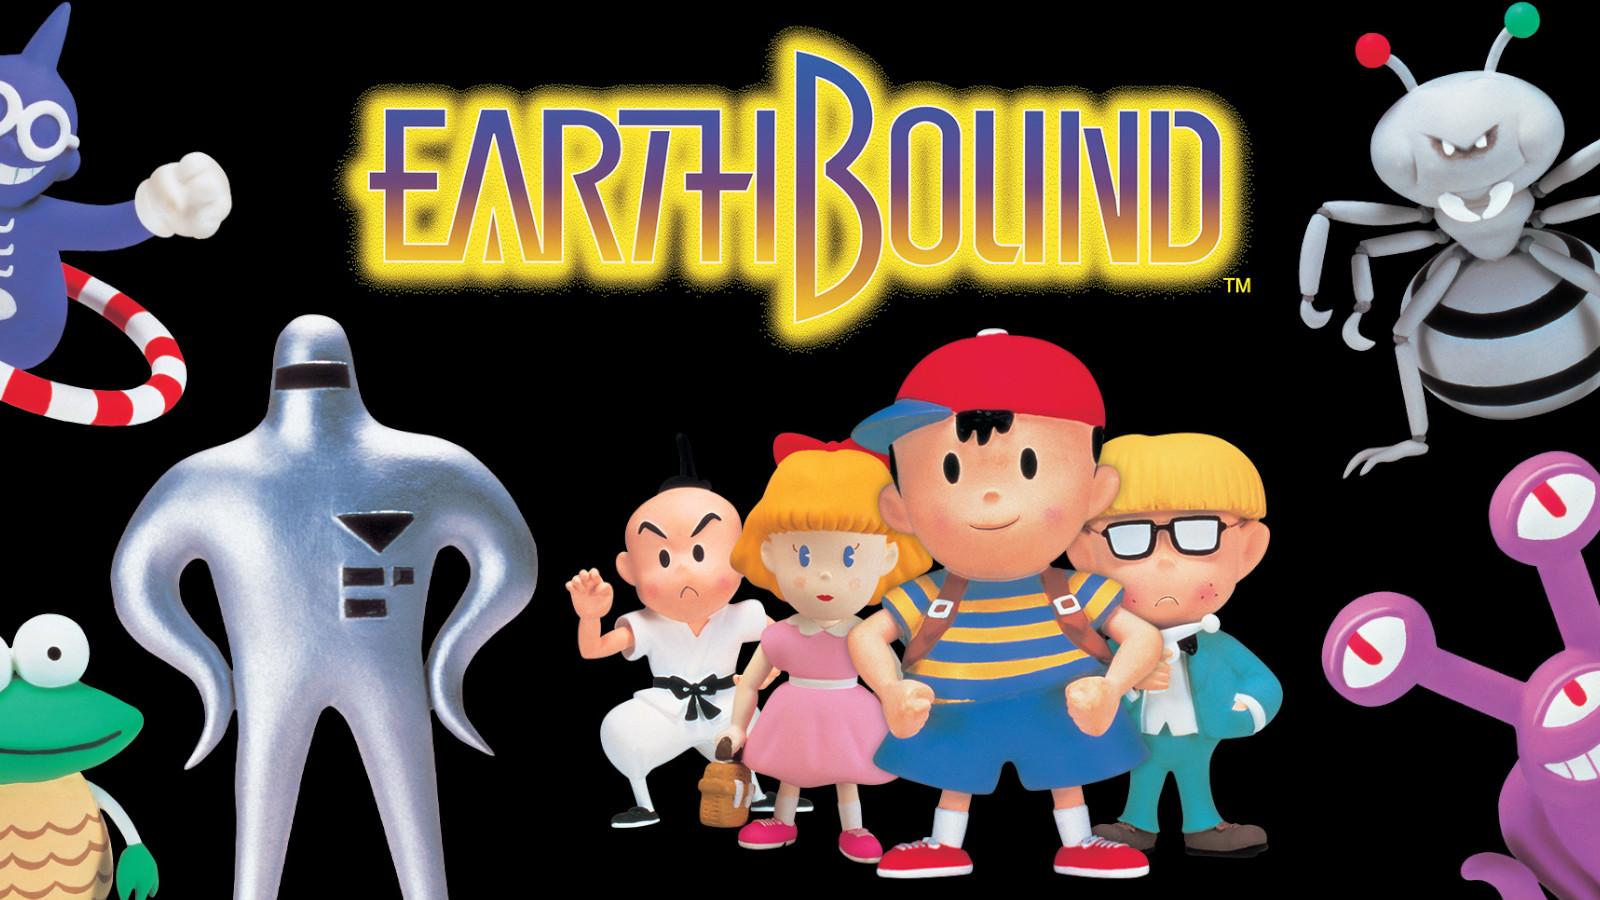 Key art for Earthbound